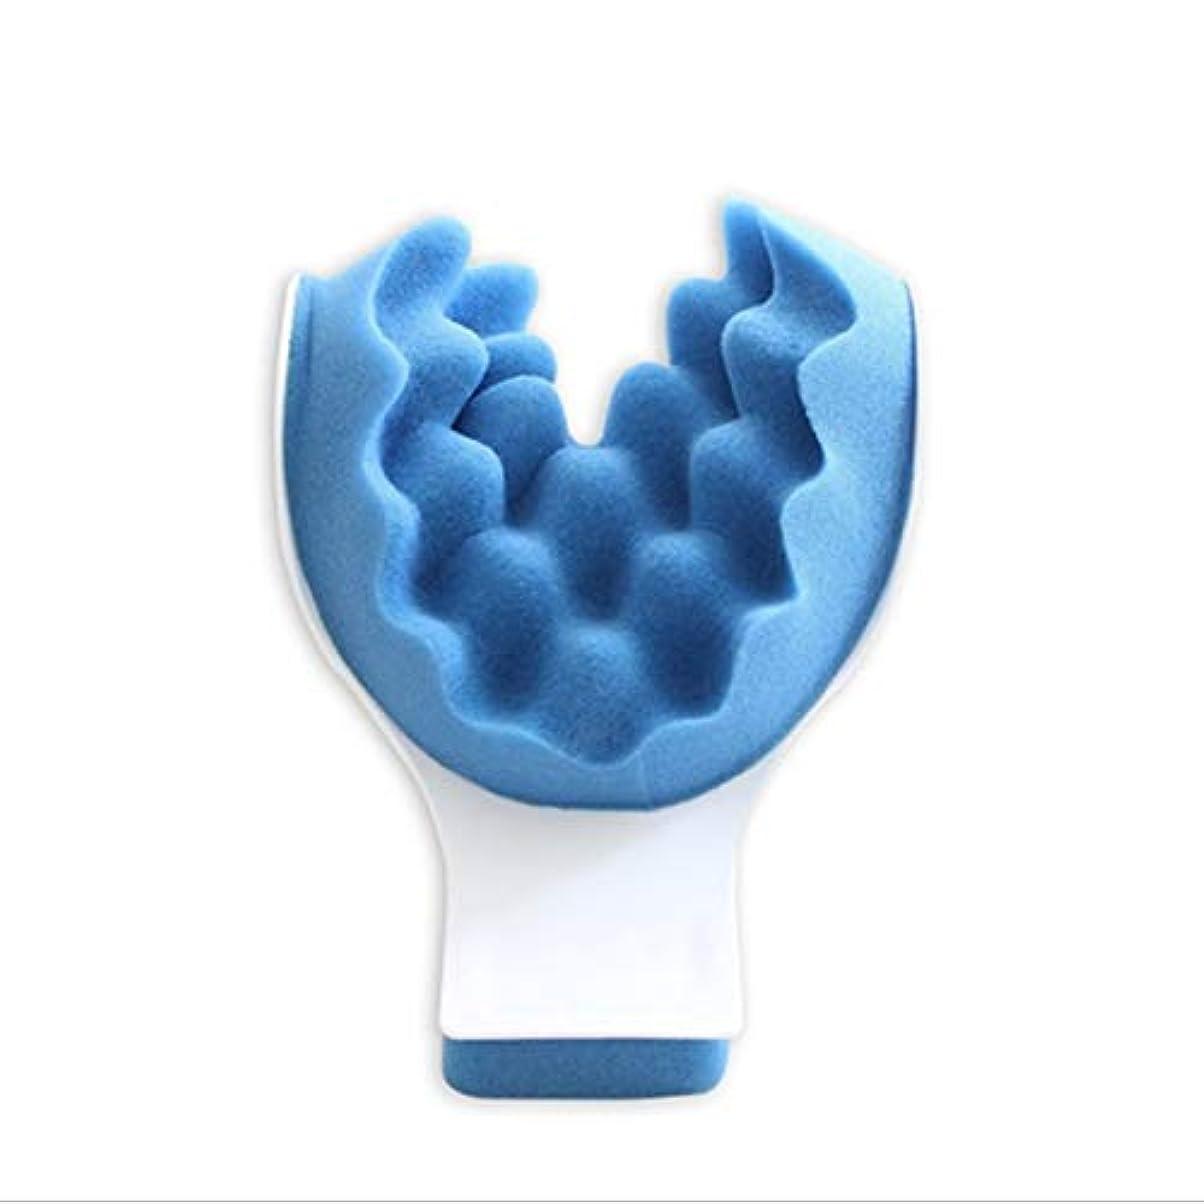 精算活力団結するマッスルテンションリリーフタイトネスと痛みの緩和セラピーティックネックサポートテンションリリーフネック&ショルダーリラクサー - ブルー